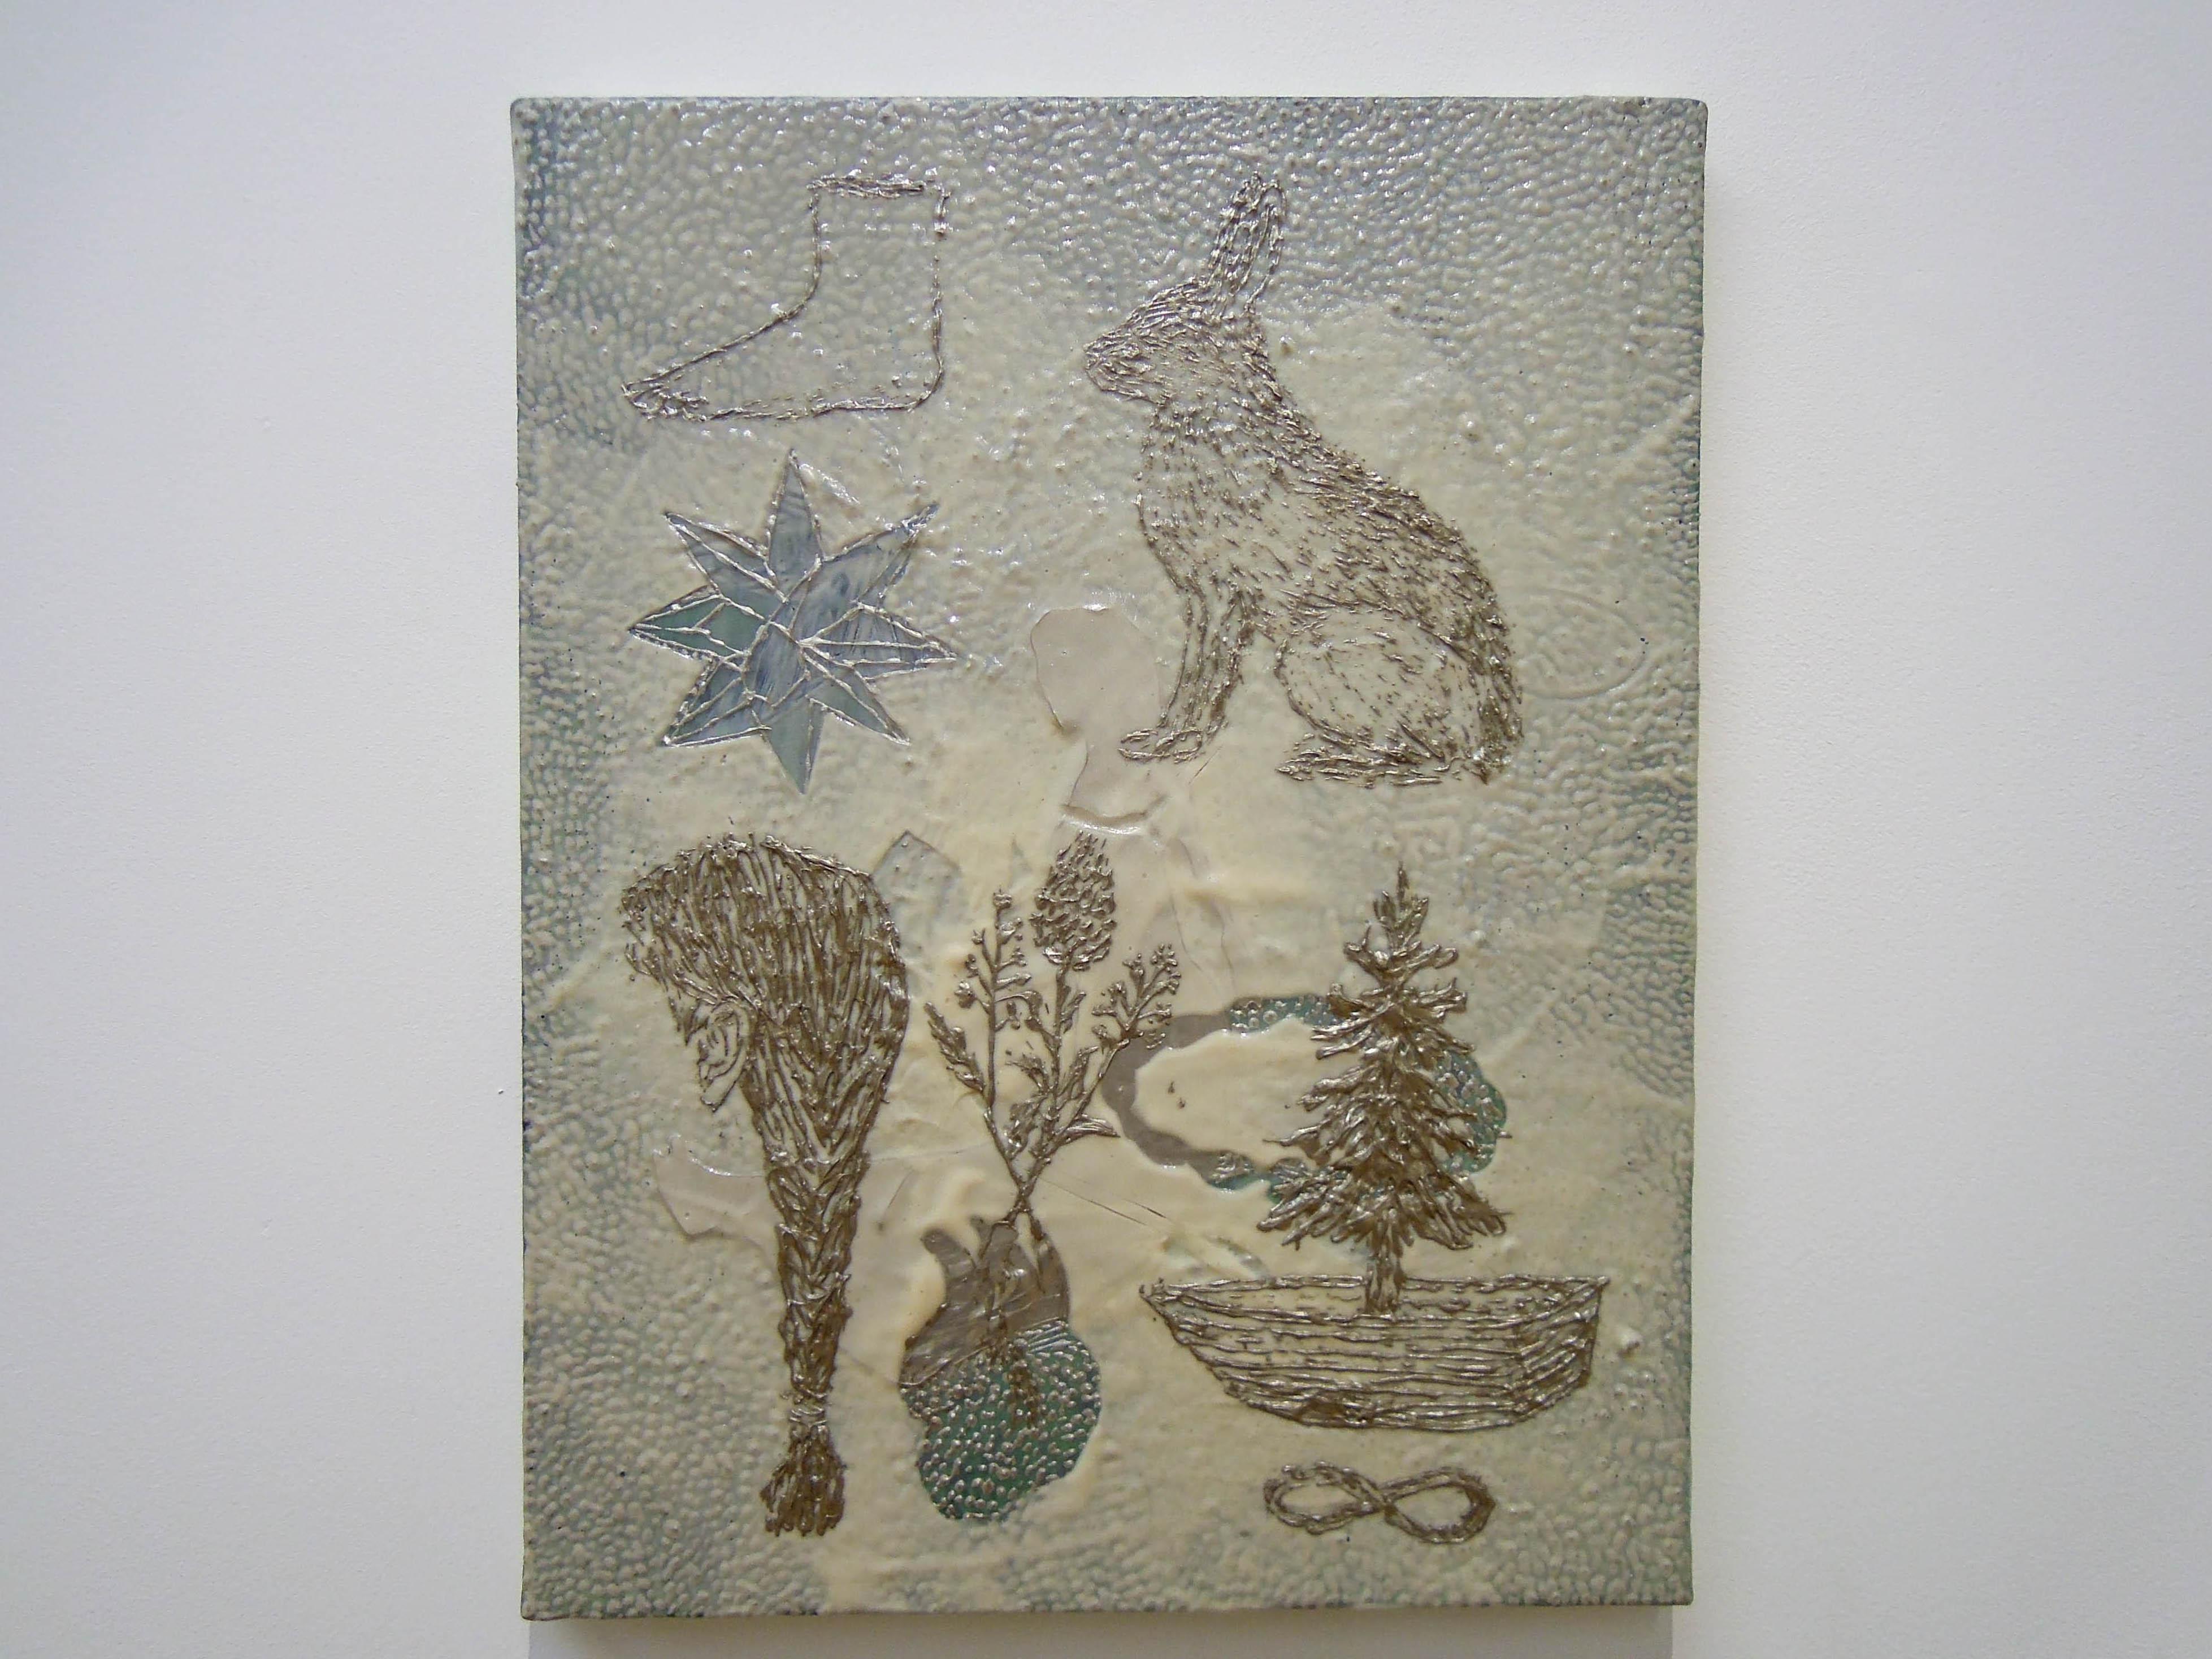 風能奈々展 「線でつなぐ遊びと名前をつけること」 小山登美夫ギャラリー フォトレポート